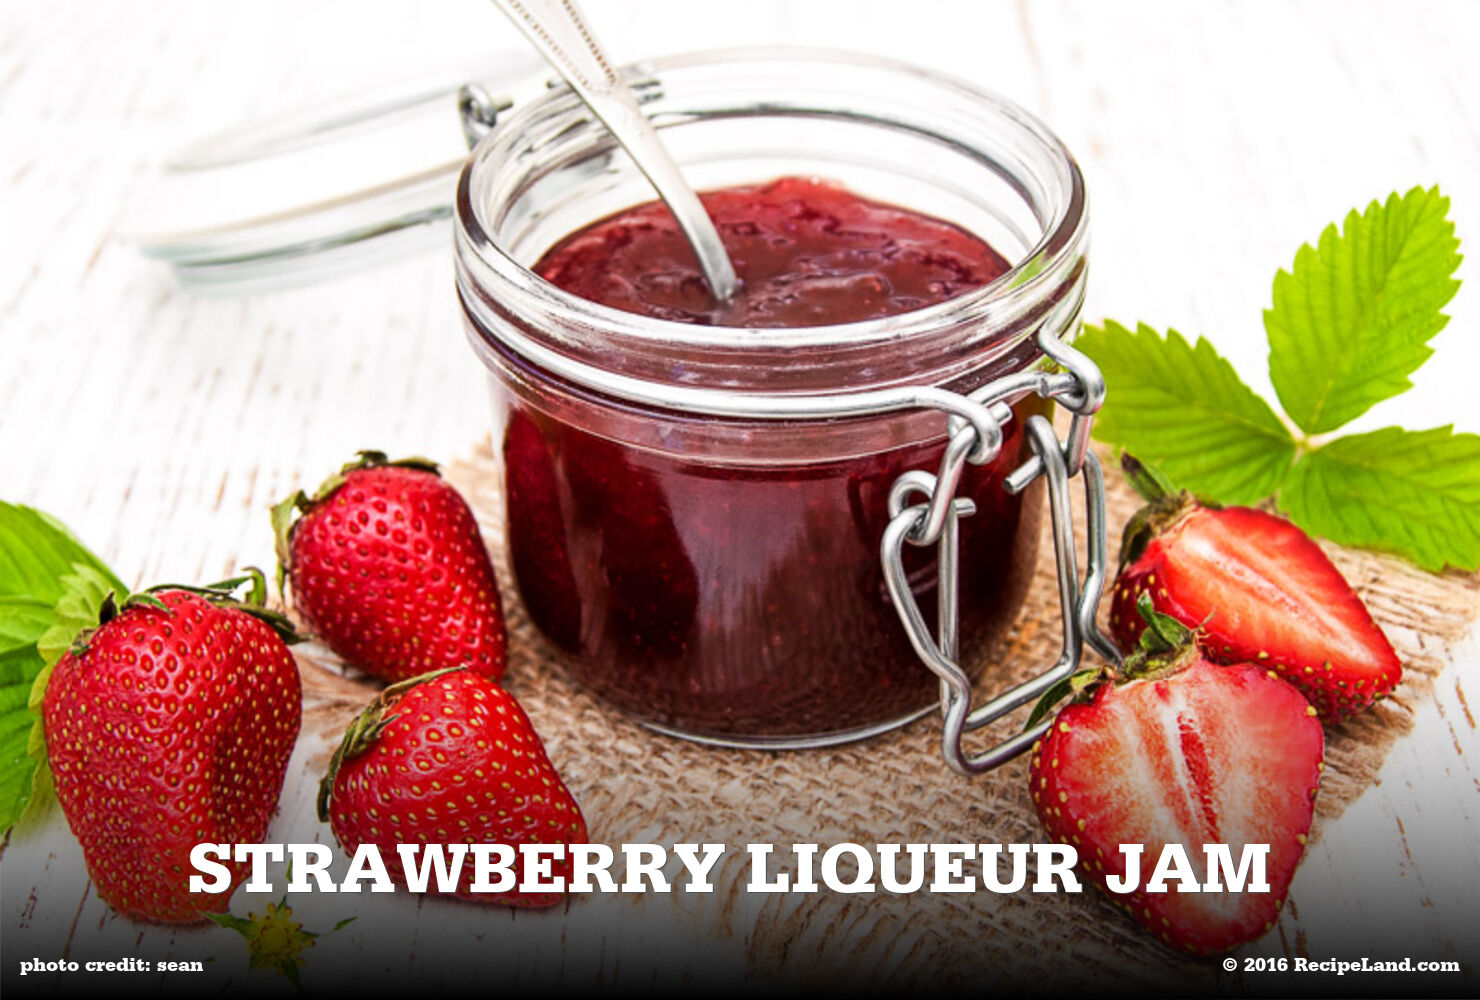 Strawberry Liqueur Jam